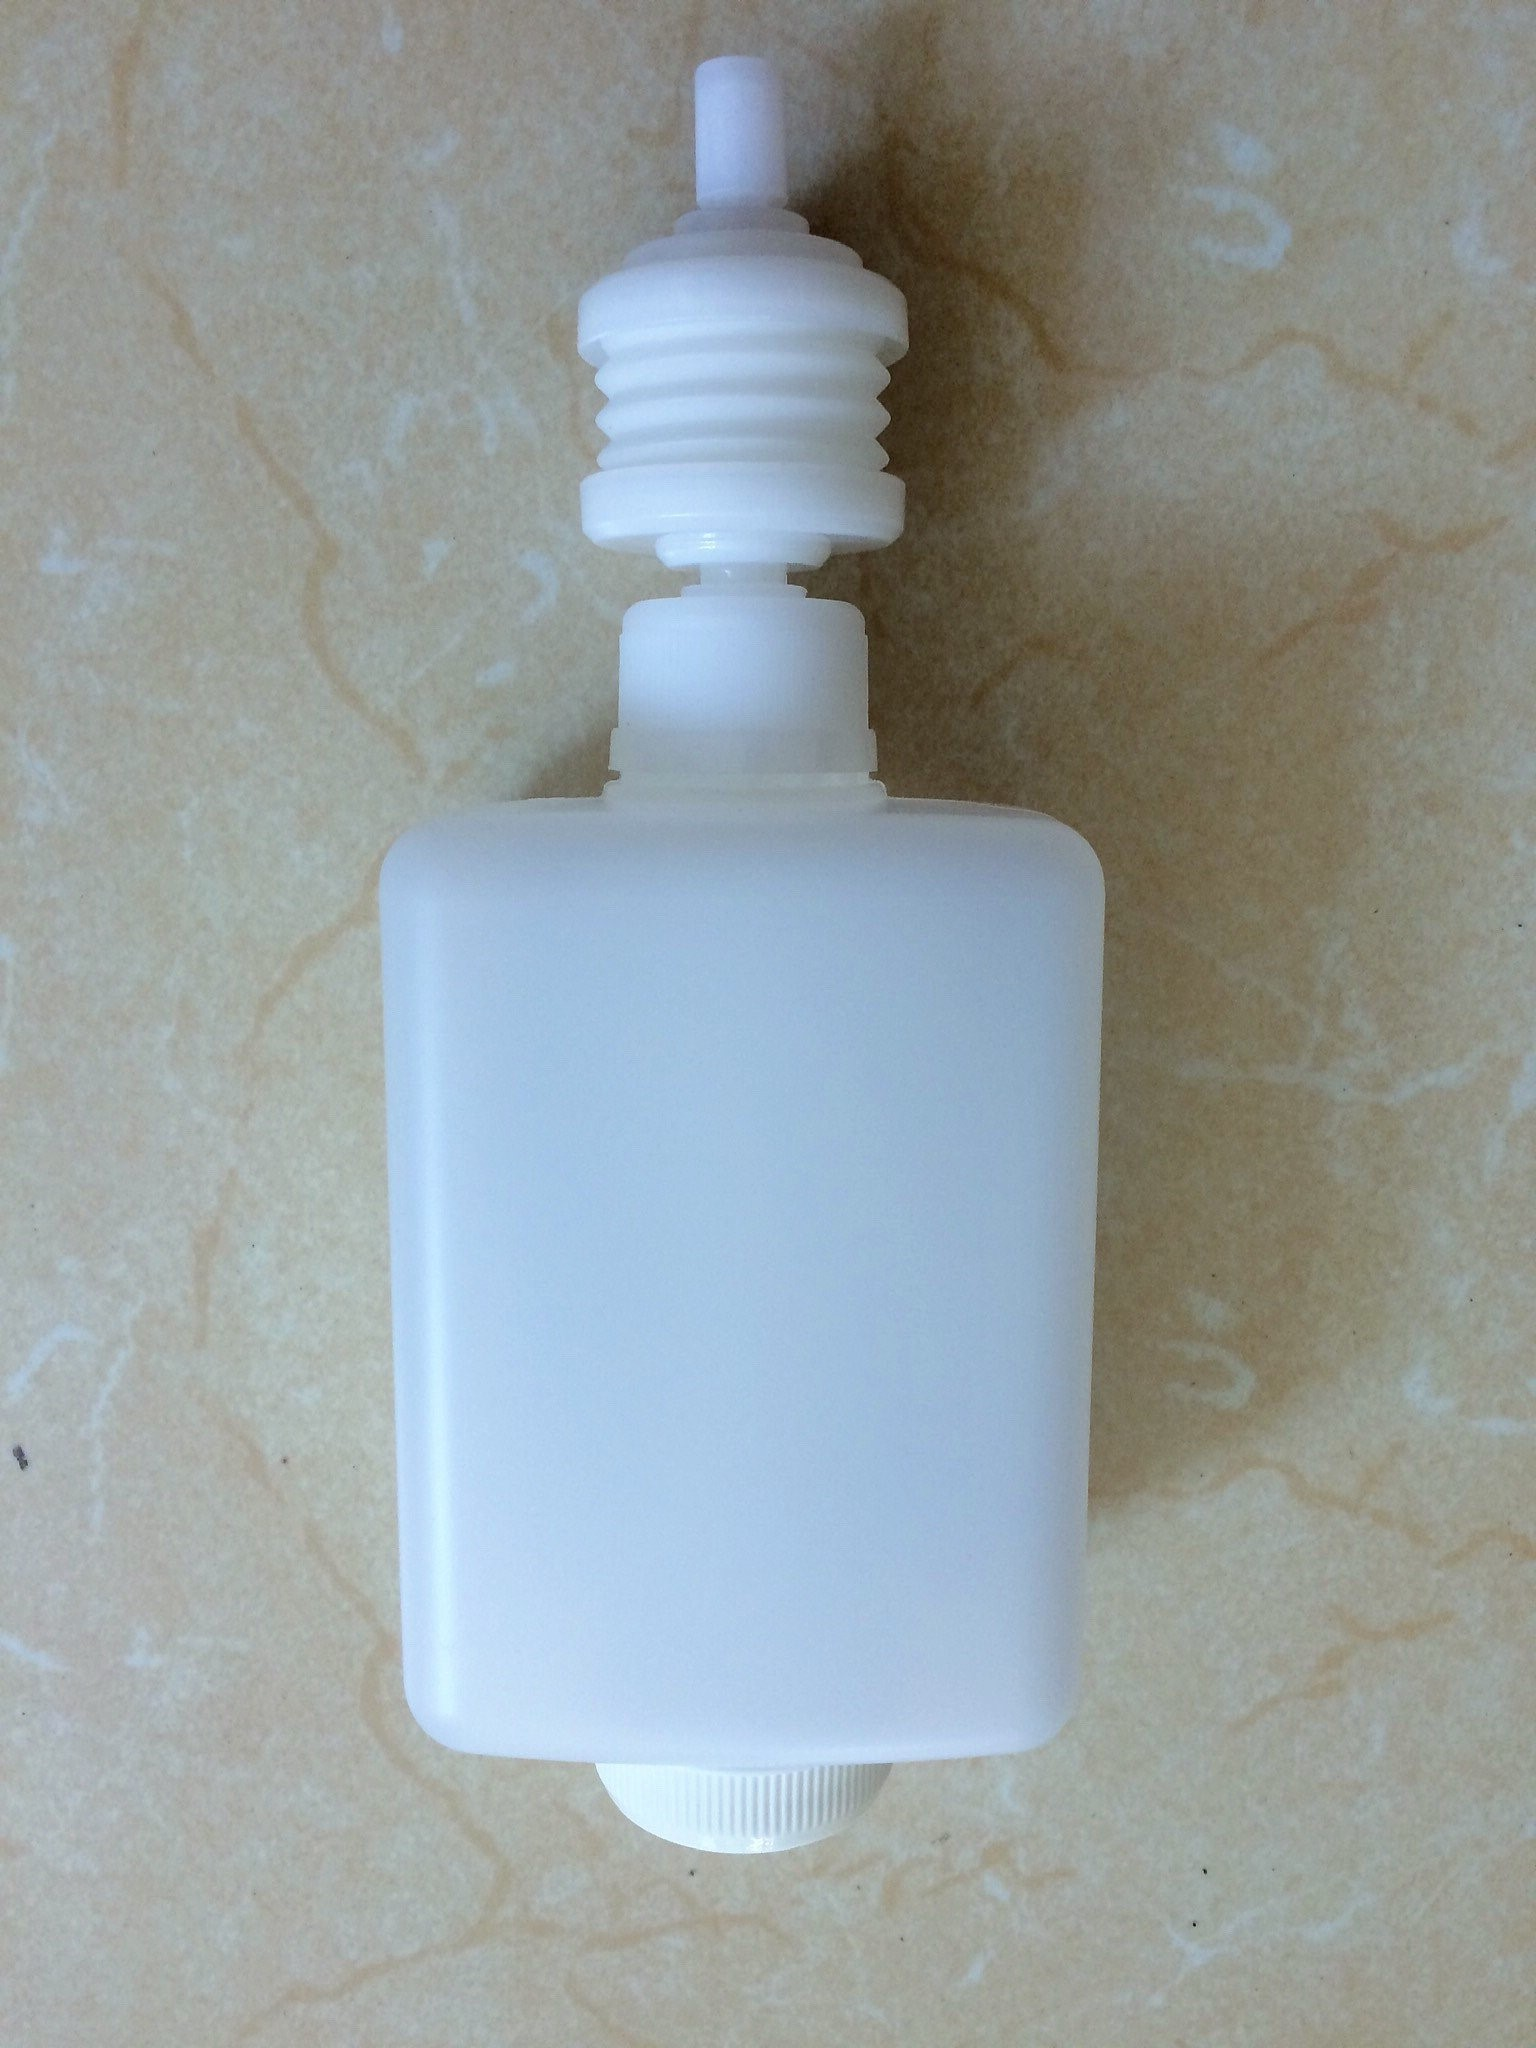 Bình rỗng dùng để đựng dung dịch (phun tia)  UD/MD450 SARAYA